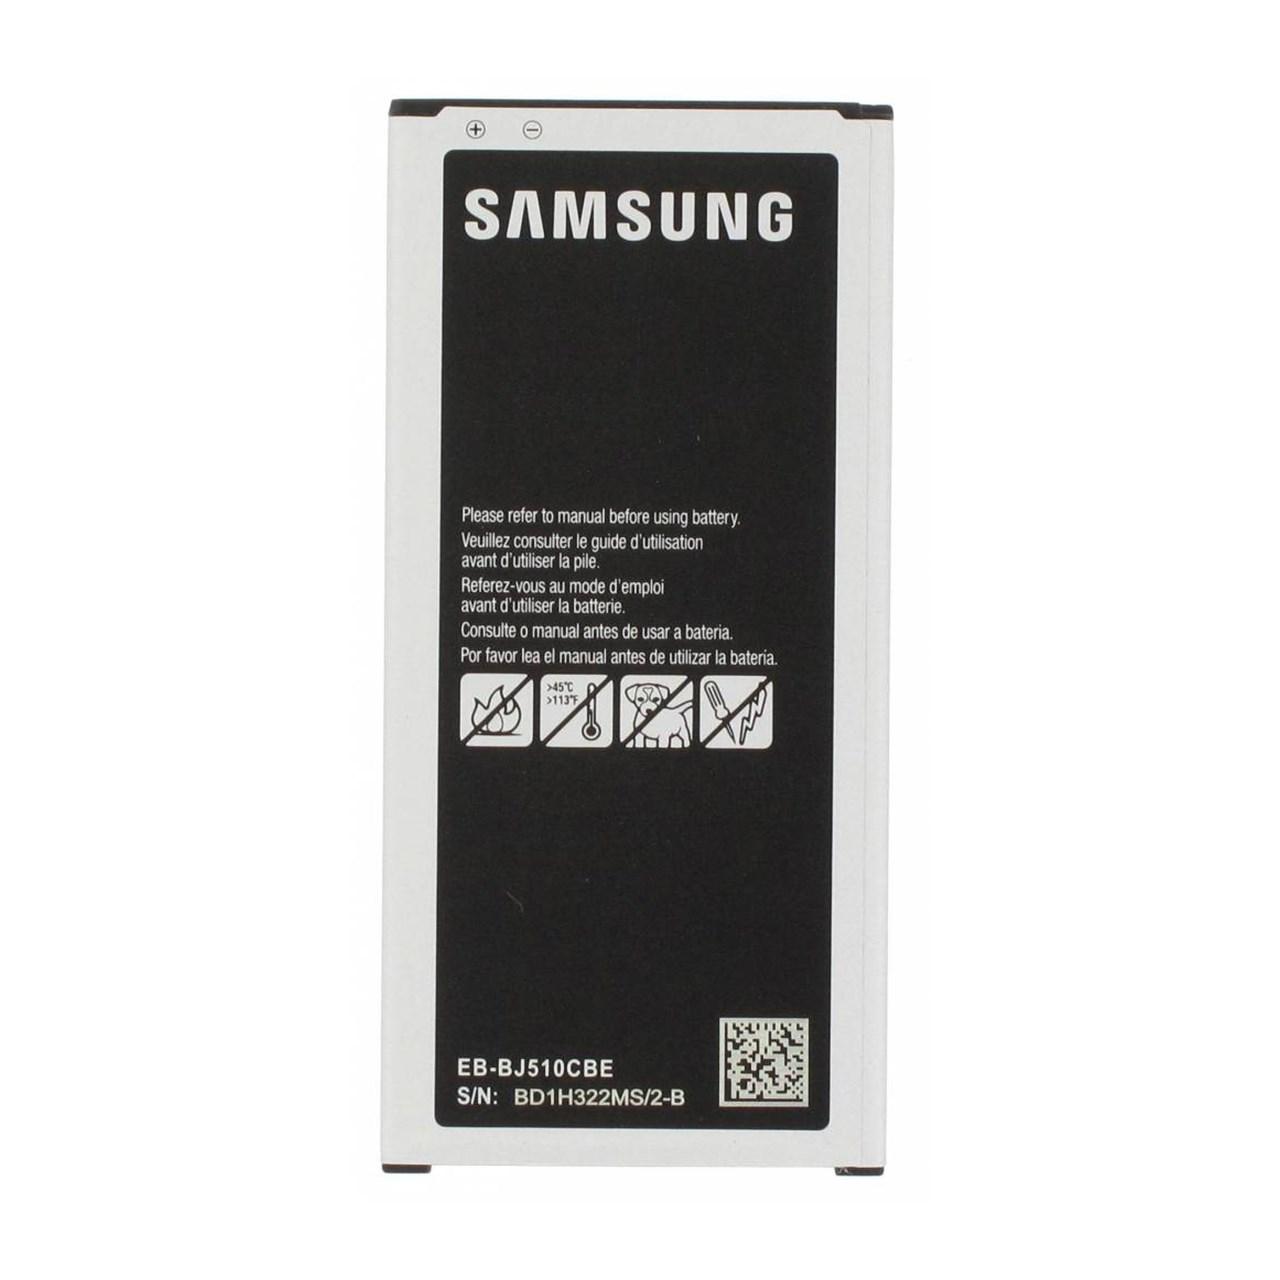 باتری گوشی مدل EB-BJ510CBC مناسب برای گوشی سامسونگ J5 2016